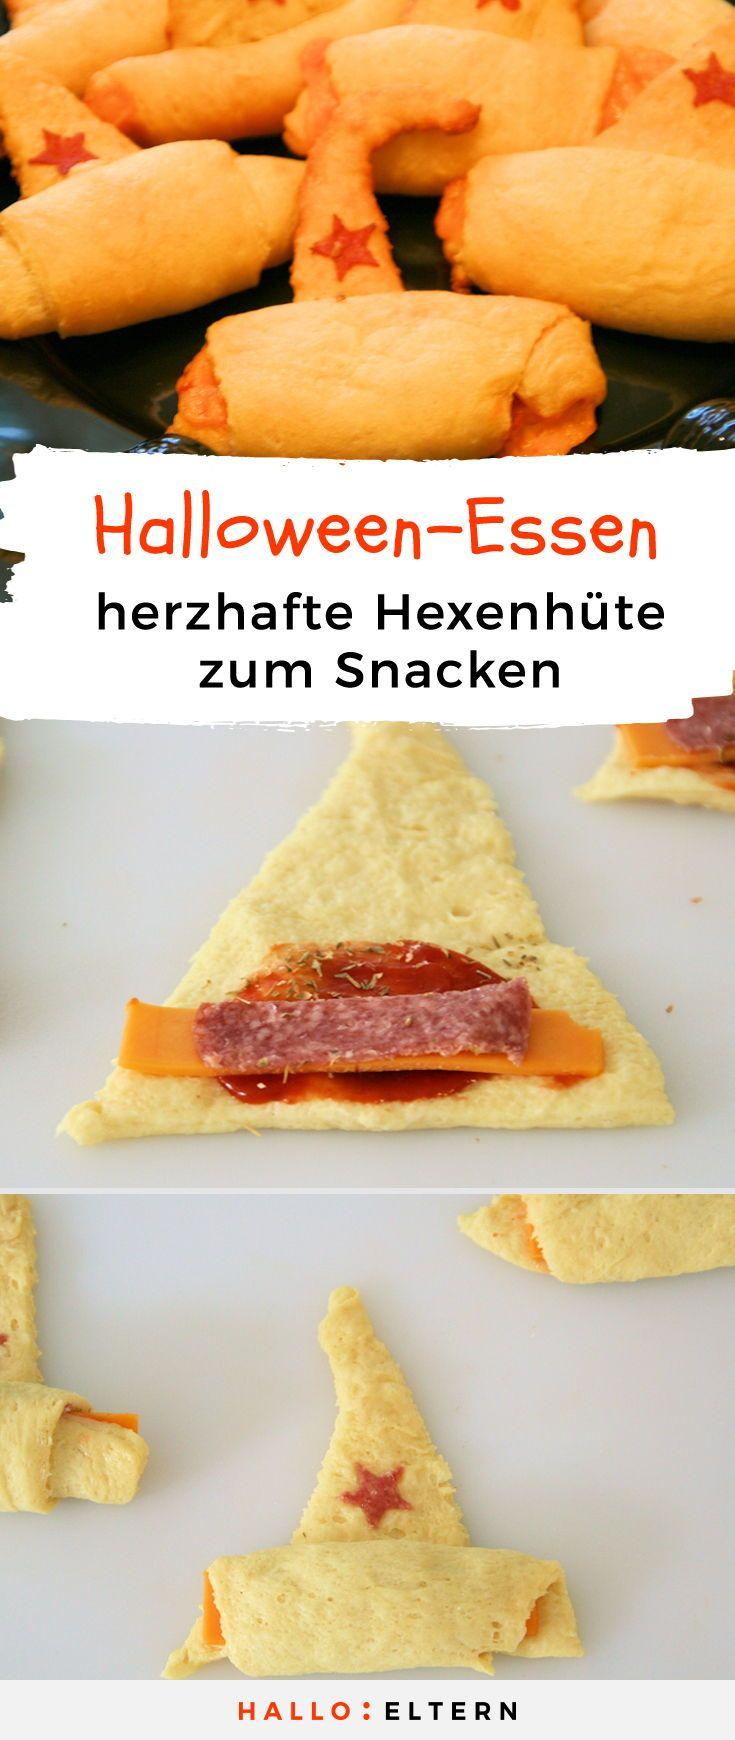 Abra-Kadabra zauberst du einen leckeren Halloween-Snack aus dem Hut.